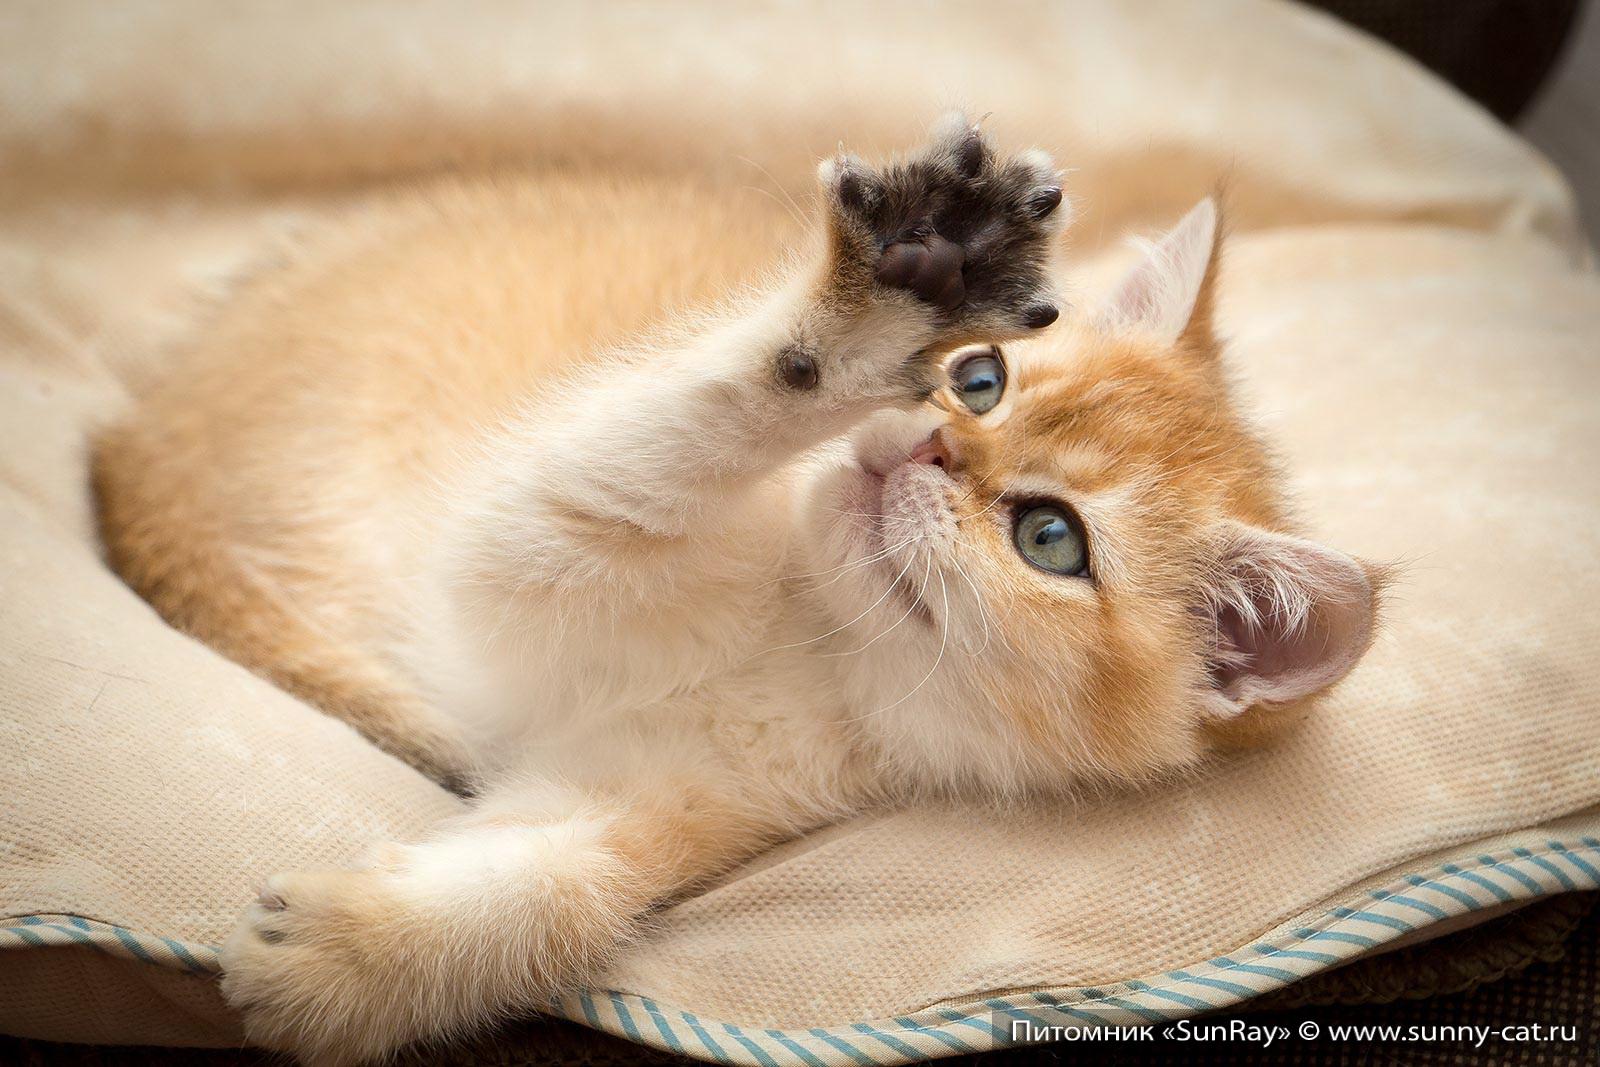 Имена котов рейтинг